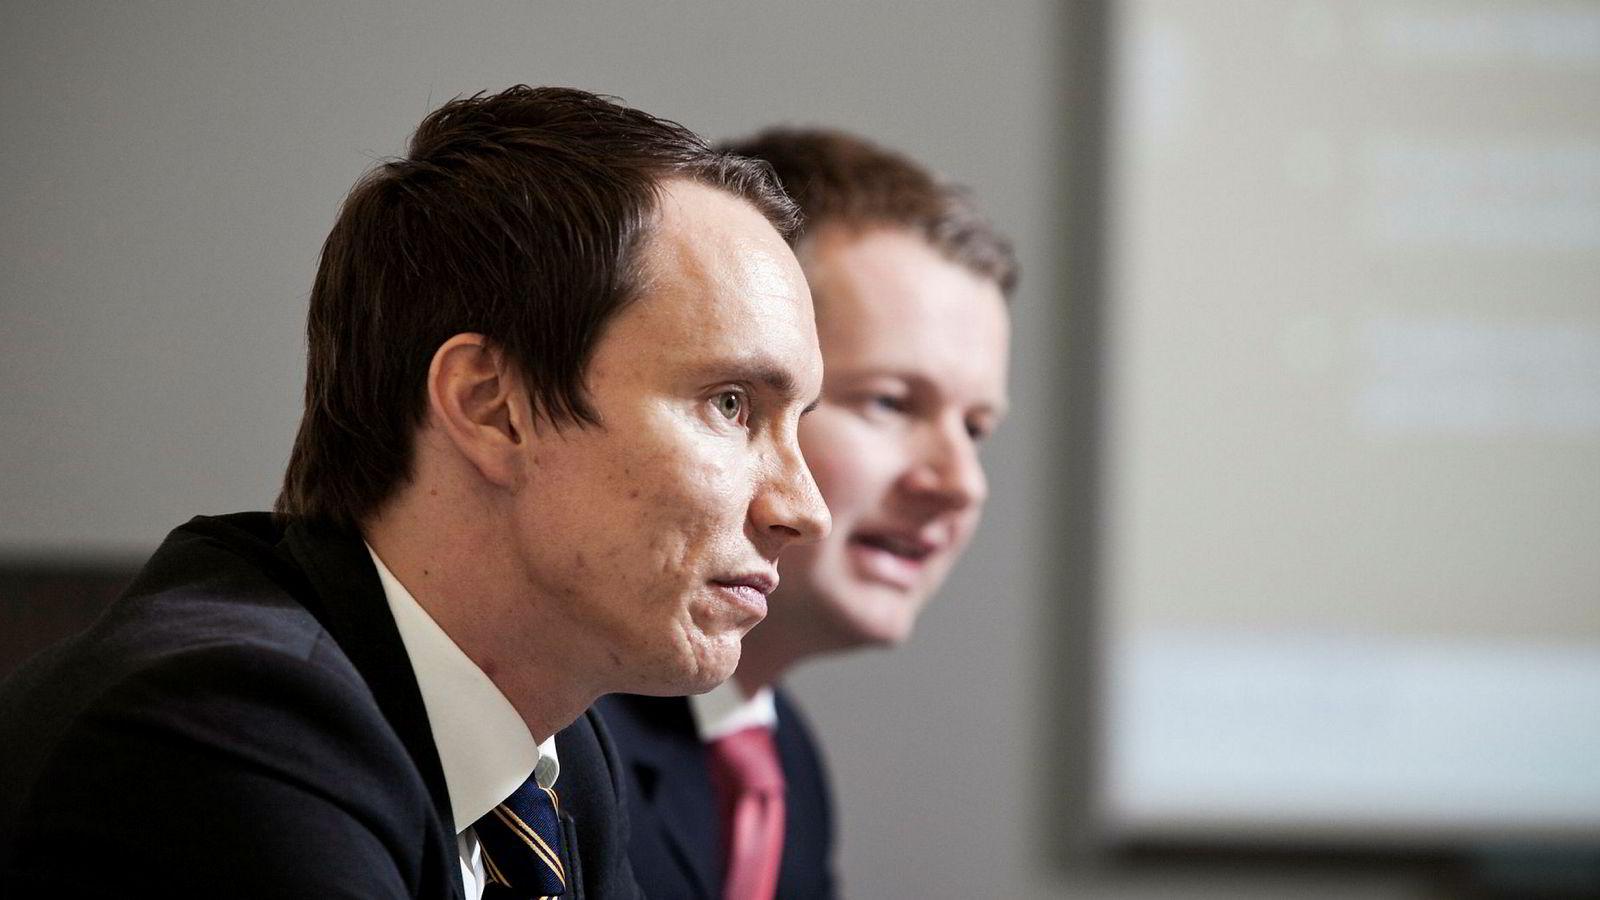 Gründere i The Nordic Group, Erik Egenæs (til venstre) og Endre Tangenes, har kjempet imot inndragelse av konsesjonen til datterselskapet Nordic Securities. Nå må meglerhuset legges ned innen 7. april etter nok et avslag.